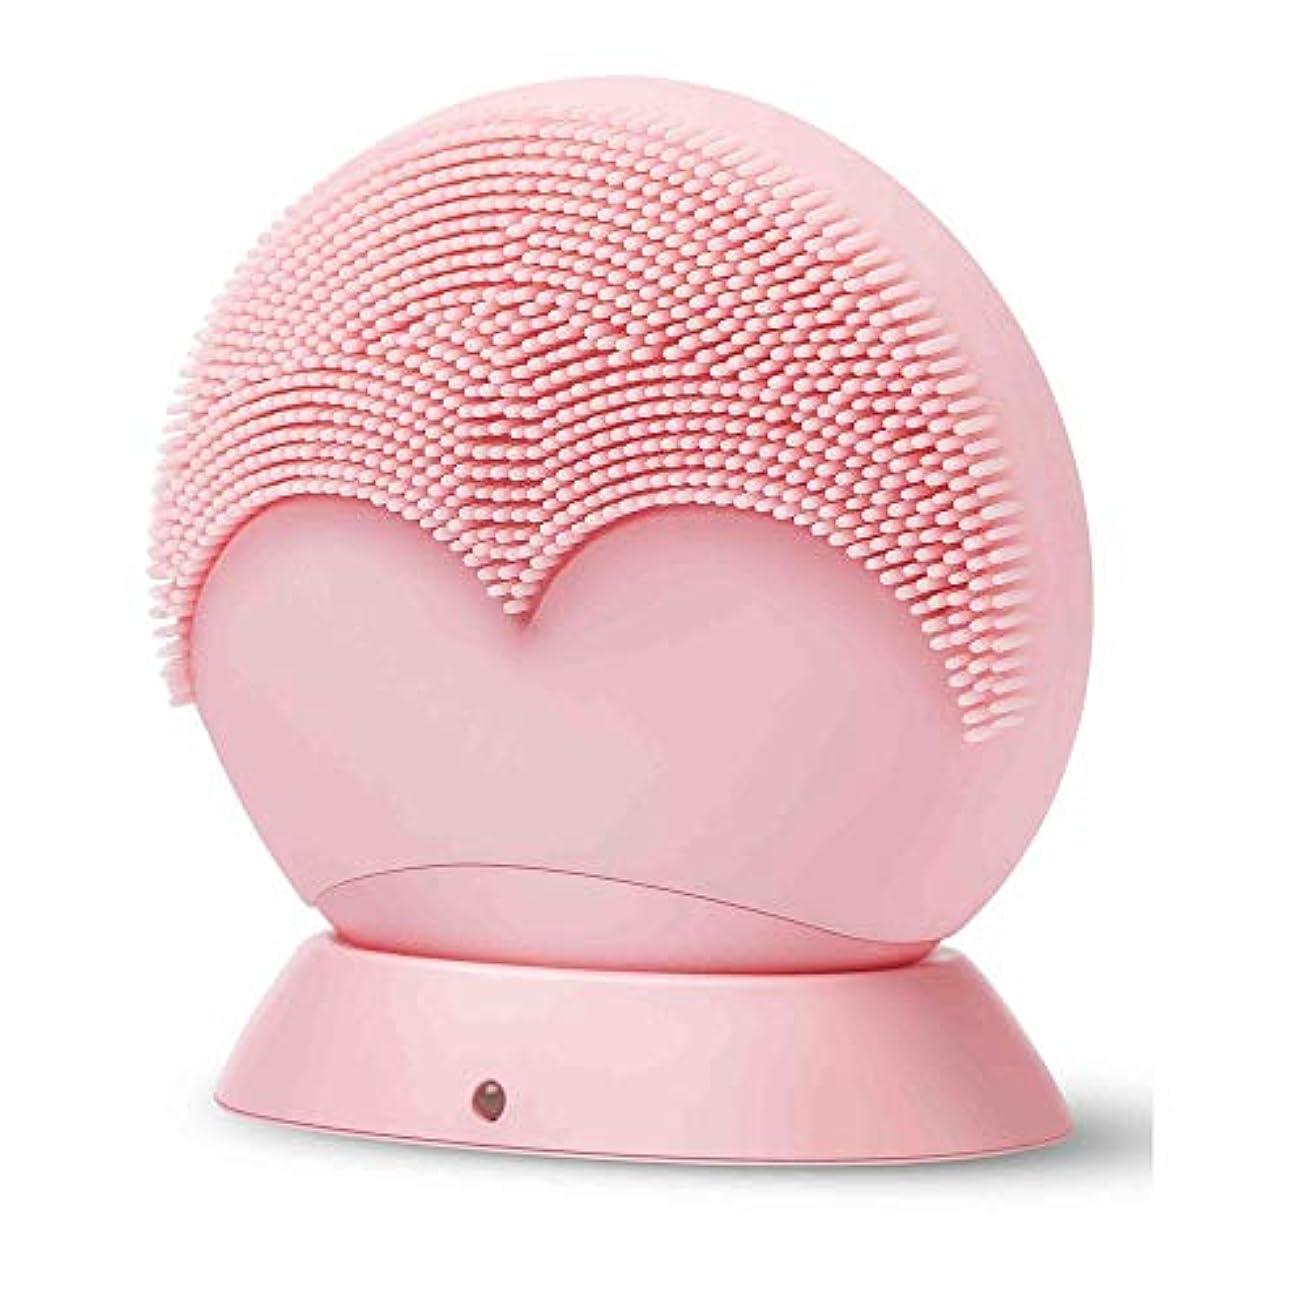 川マージン浸透するZXF ワイヤレス充電超音波振動クレンジングブラシディープクリーンミュートシリコンクレンジング楽器防水 滑らかである (色 : Pink)